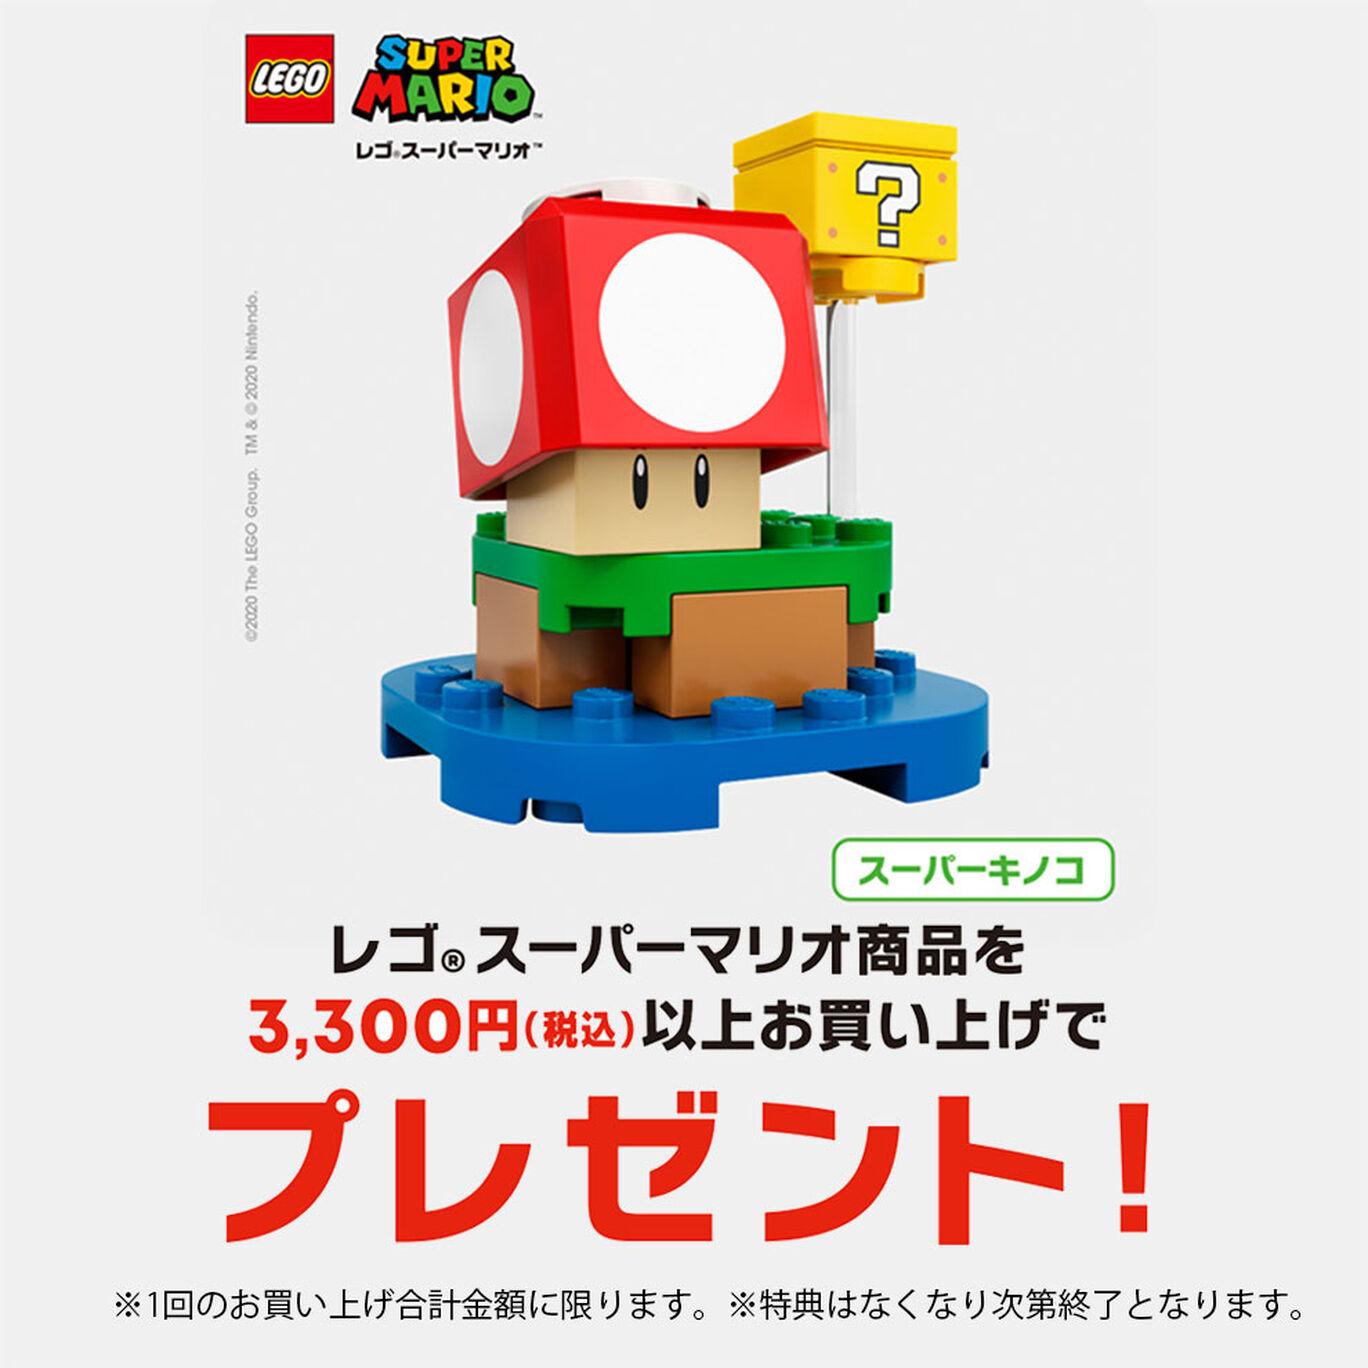 レゴ(R)スーパーマリオ コース マスター チャレンジ